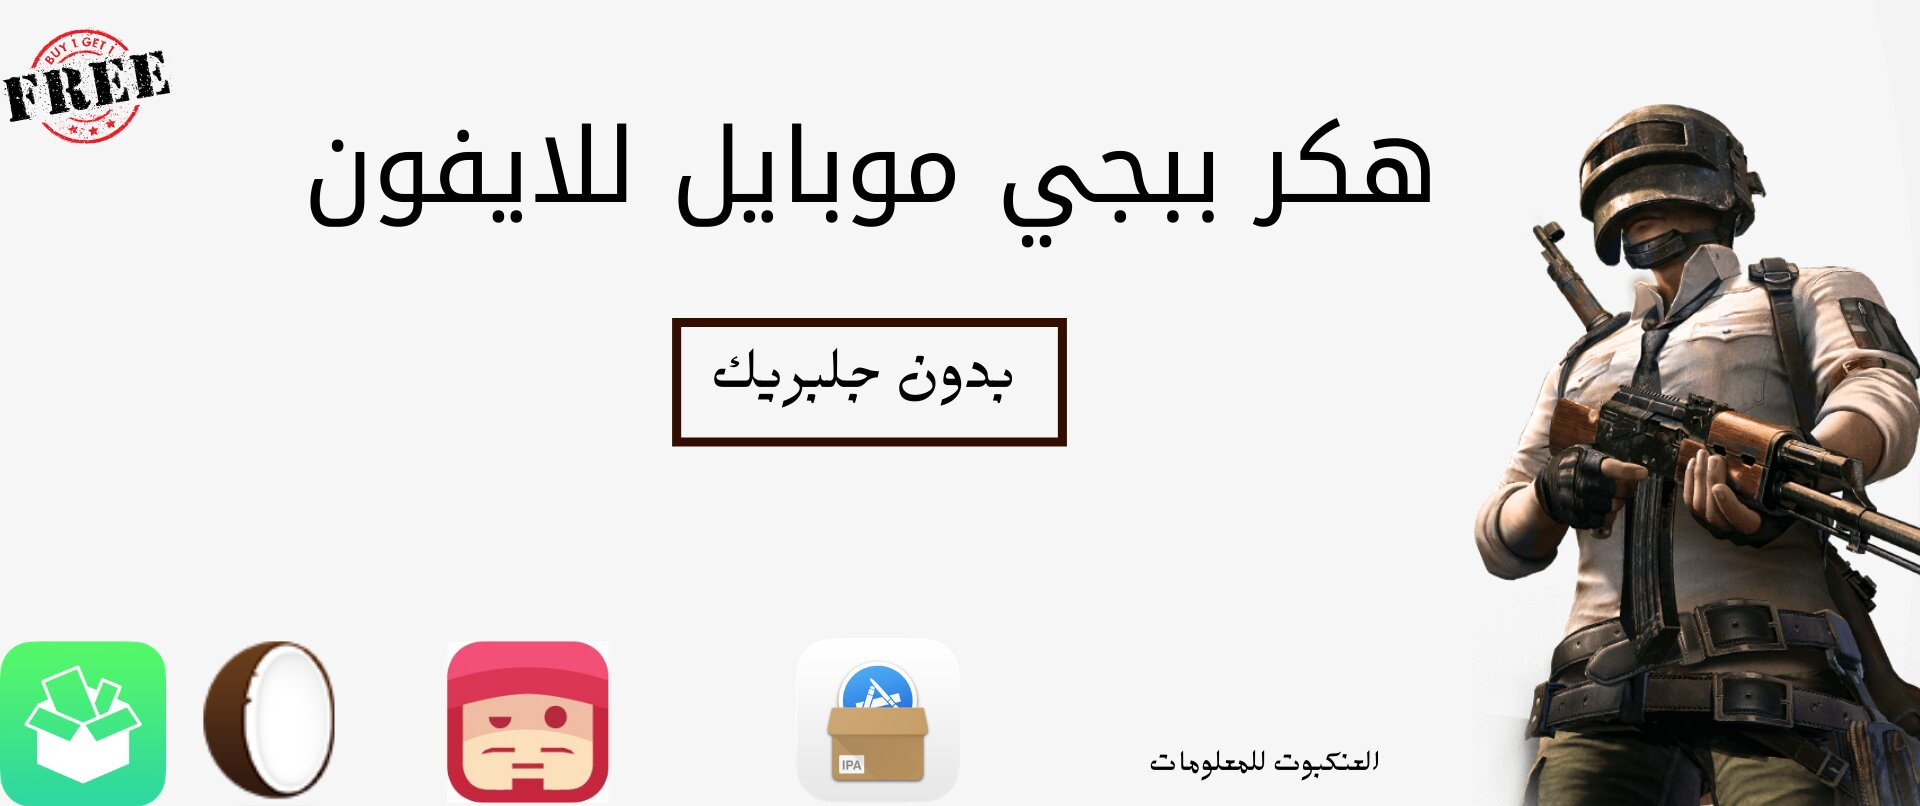 Hack pubg ios no-jailbreak free VIP ,pubg mobile hack